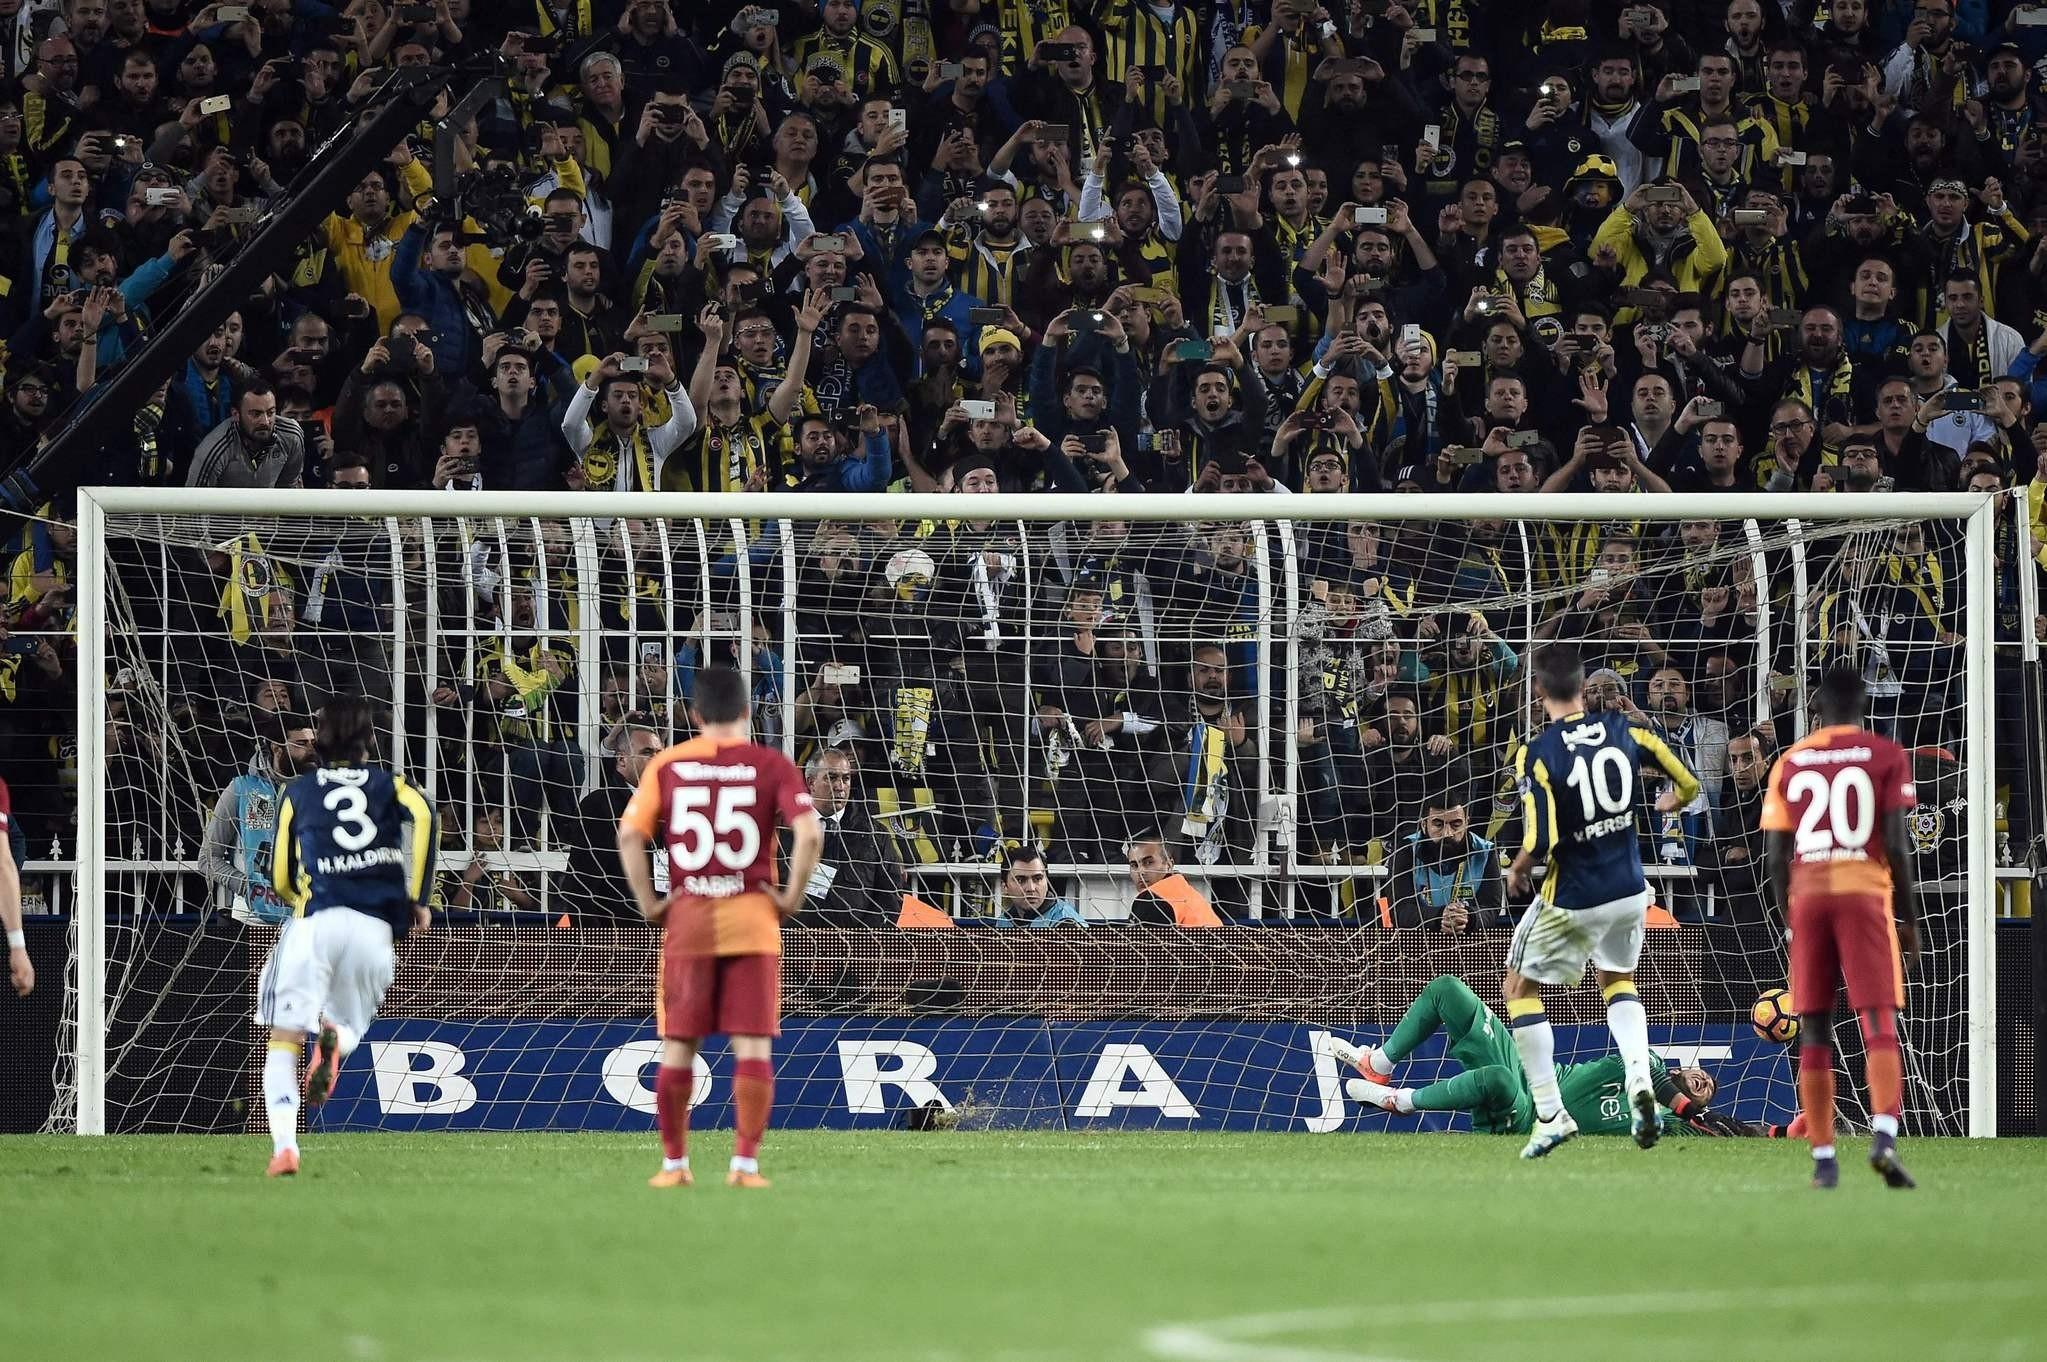 Van Persie (2ndR) scores at the Fenerbahce Ulker Sukru Saracoglu stadium in Istanbul on November 20, 2016. (AFP PHOTO)